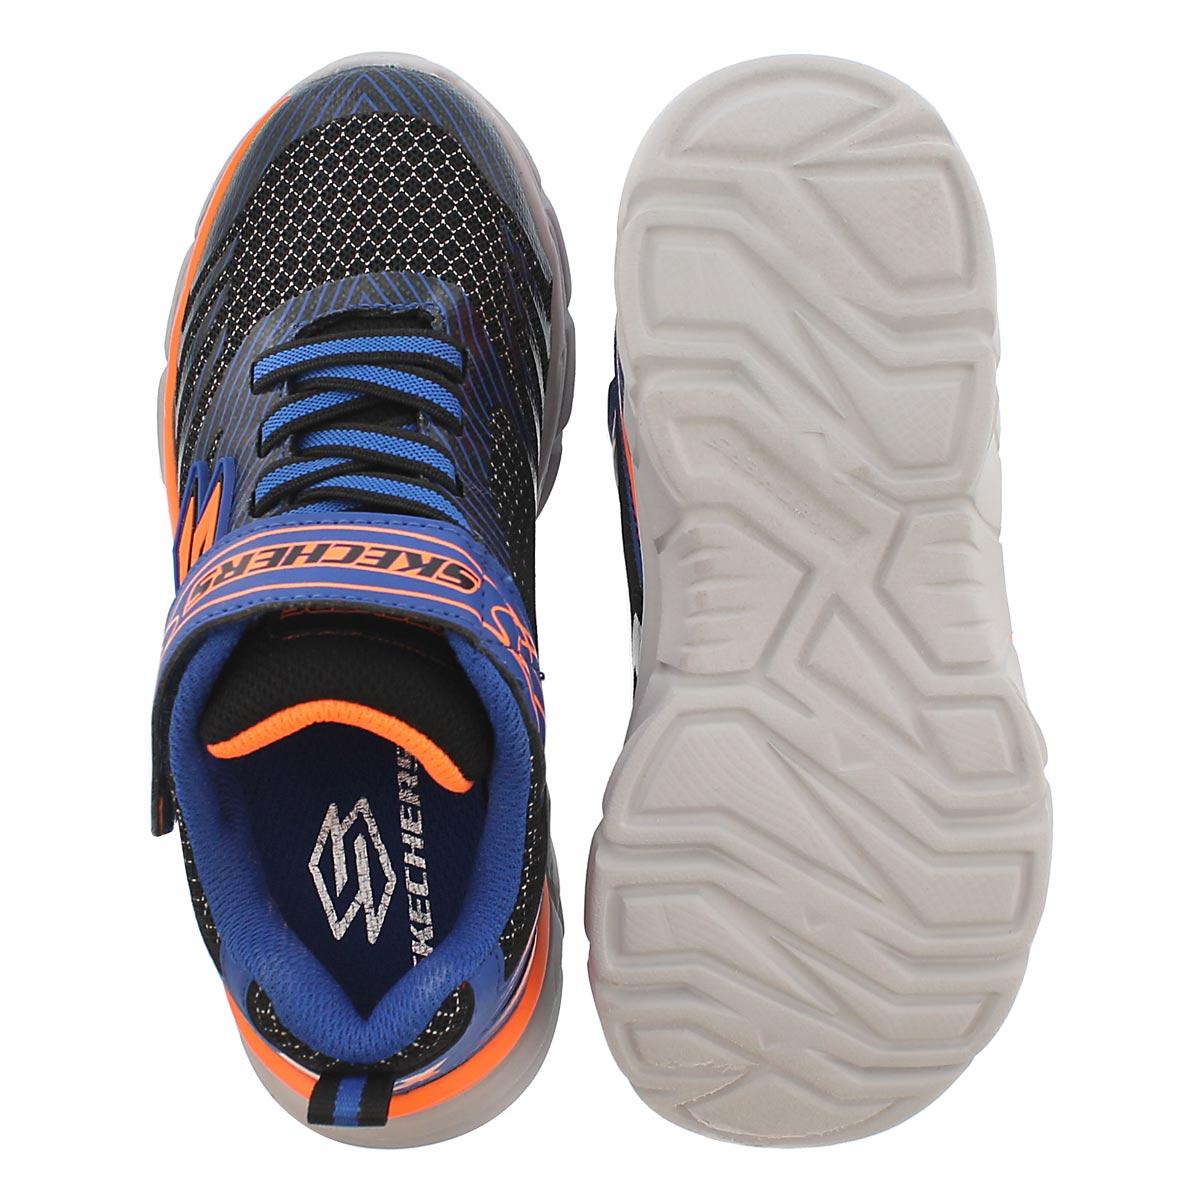 Bys Rive nvy/orange slip on sneaker